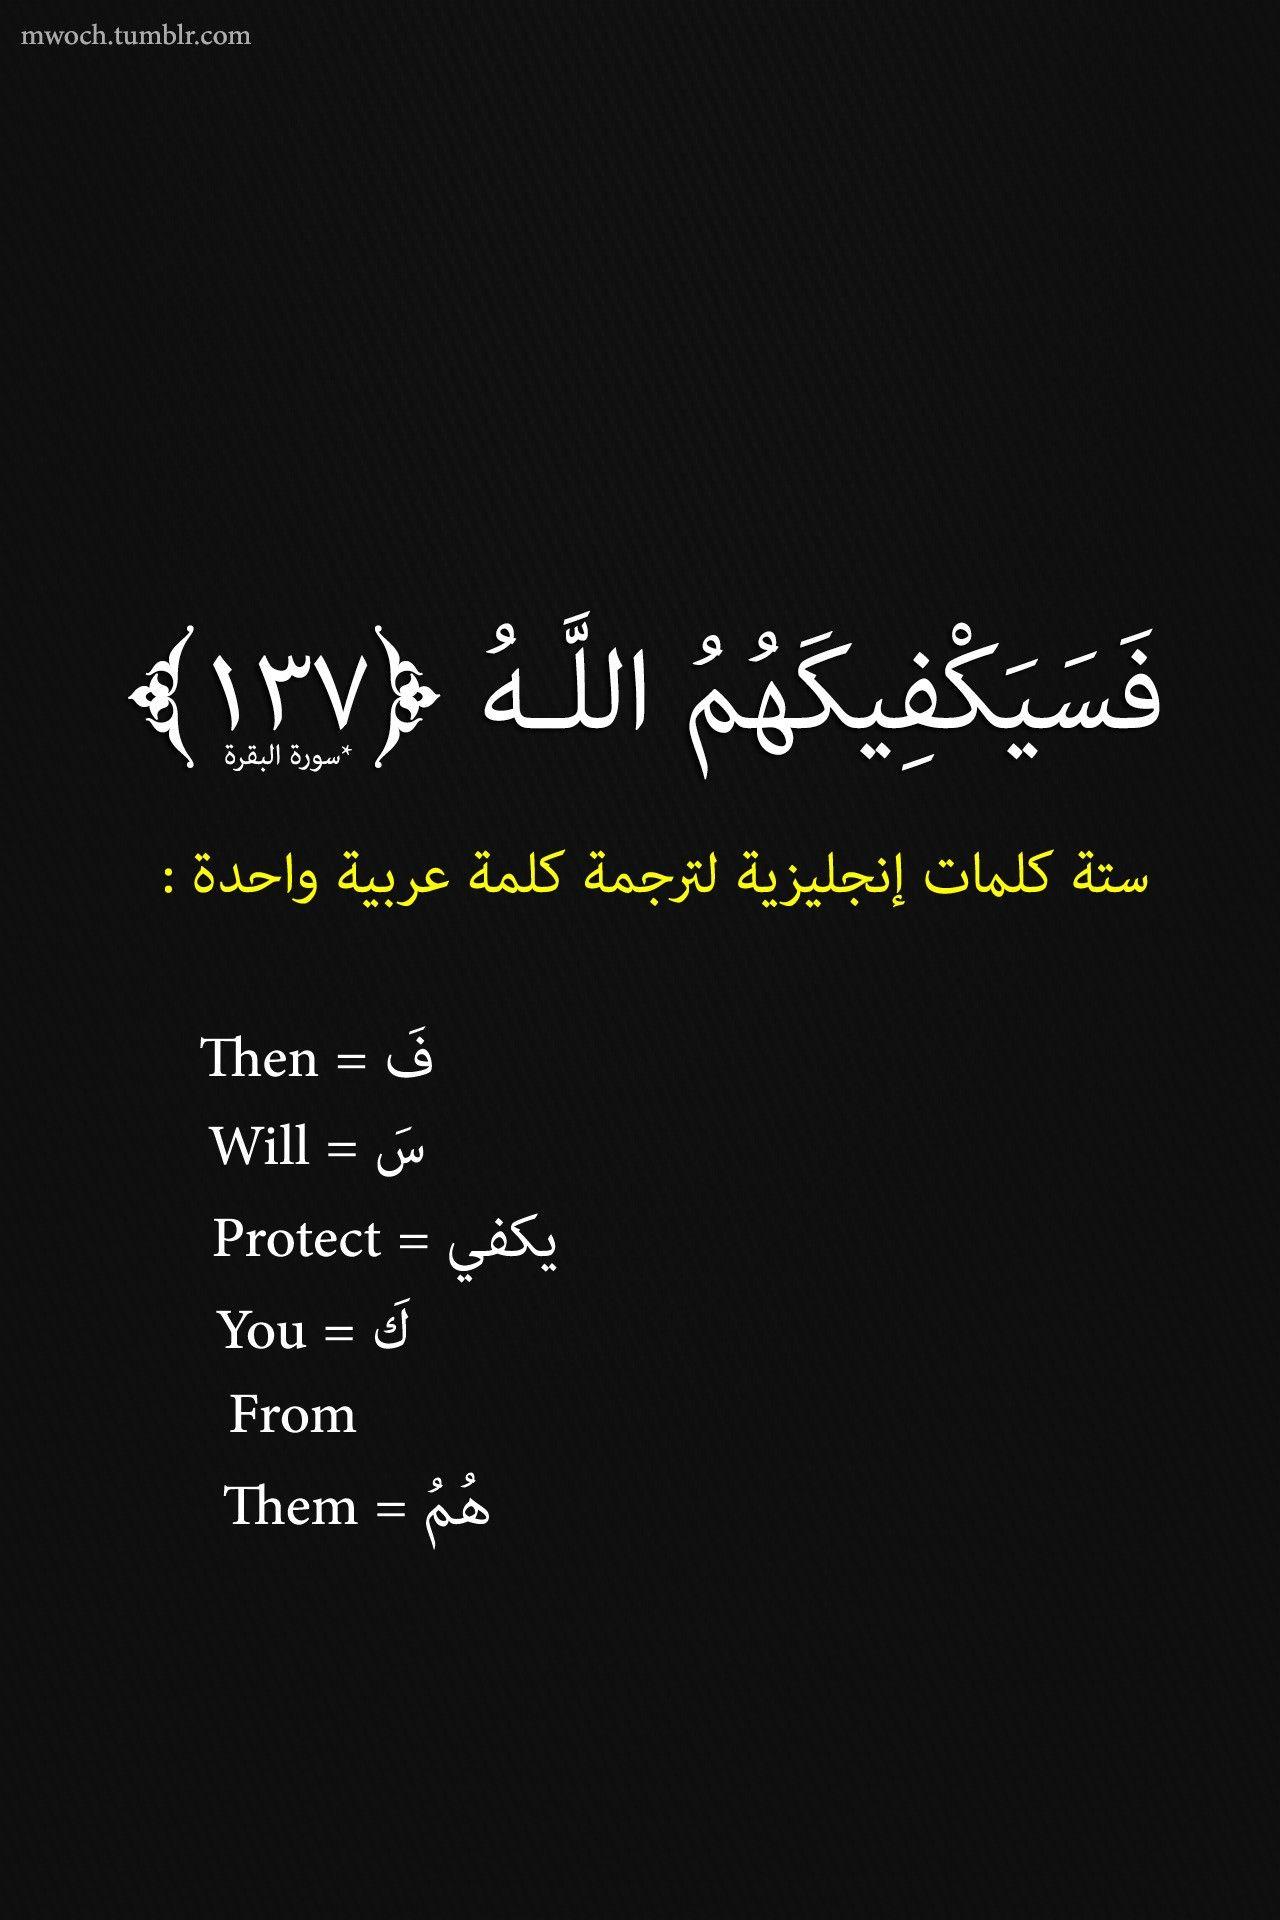 بلاغة القرآن الكريم Islam Facts Quran Islamic Quotes